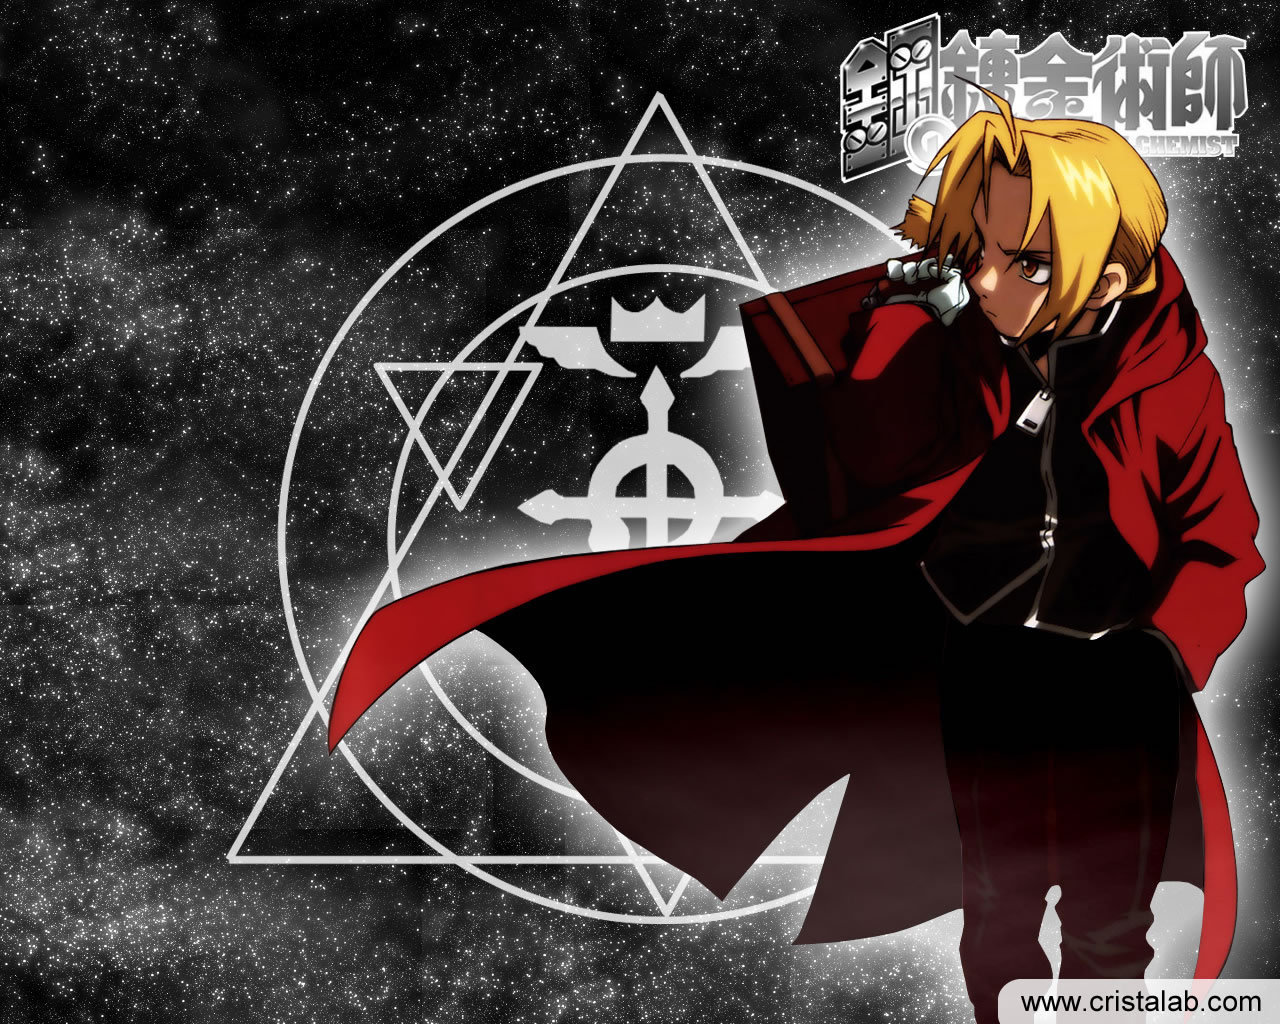 Full Metal Alchemist Fullmetal Alchemist 1280x1024